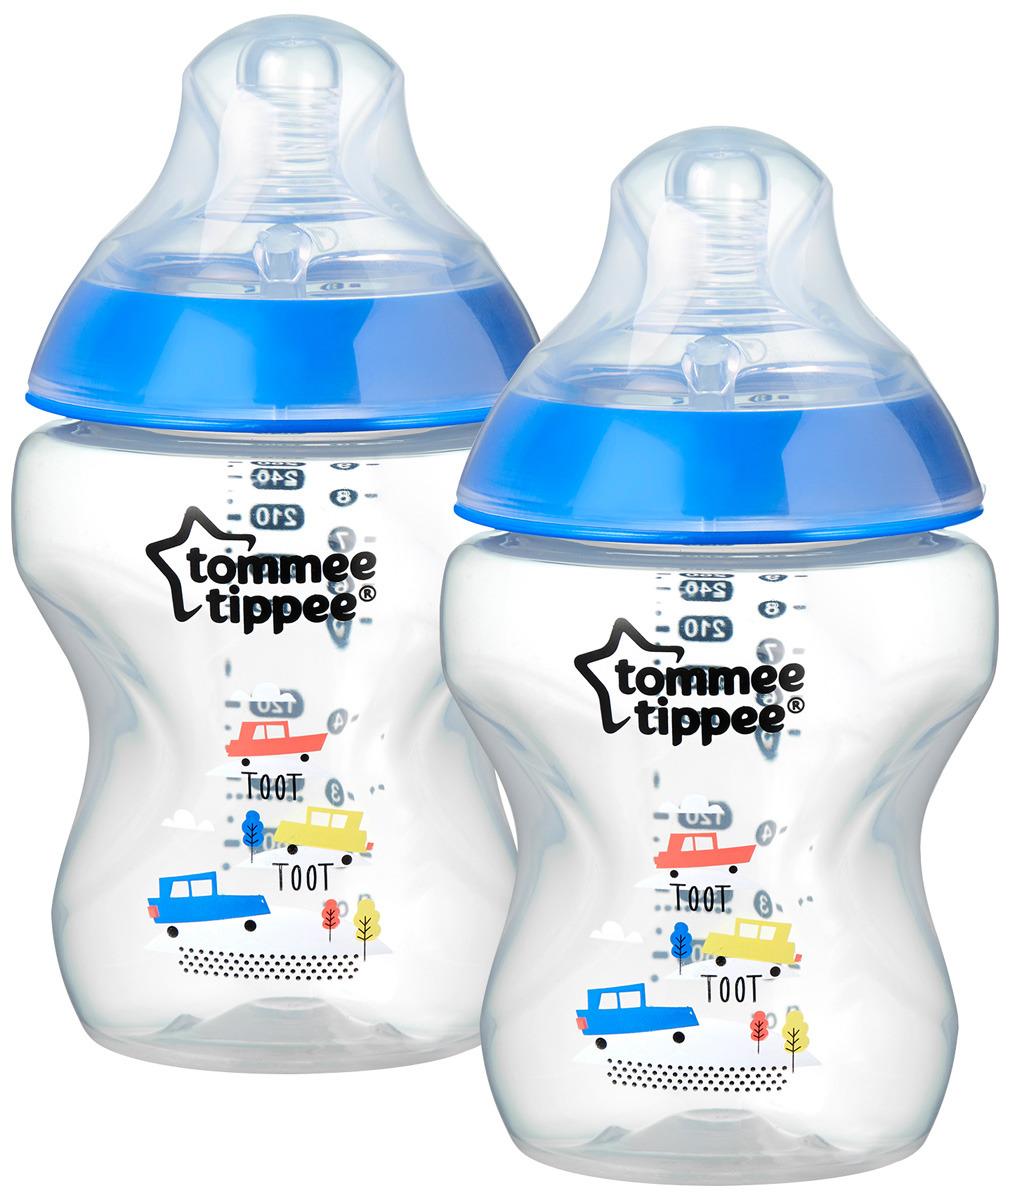 Бутылочка для кормления Tommee Tippee Closer to Nature с антиколиковым клапаном, 42252175, синий, 260 мл, 2 шт